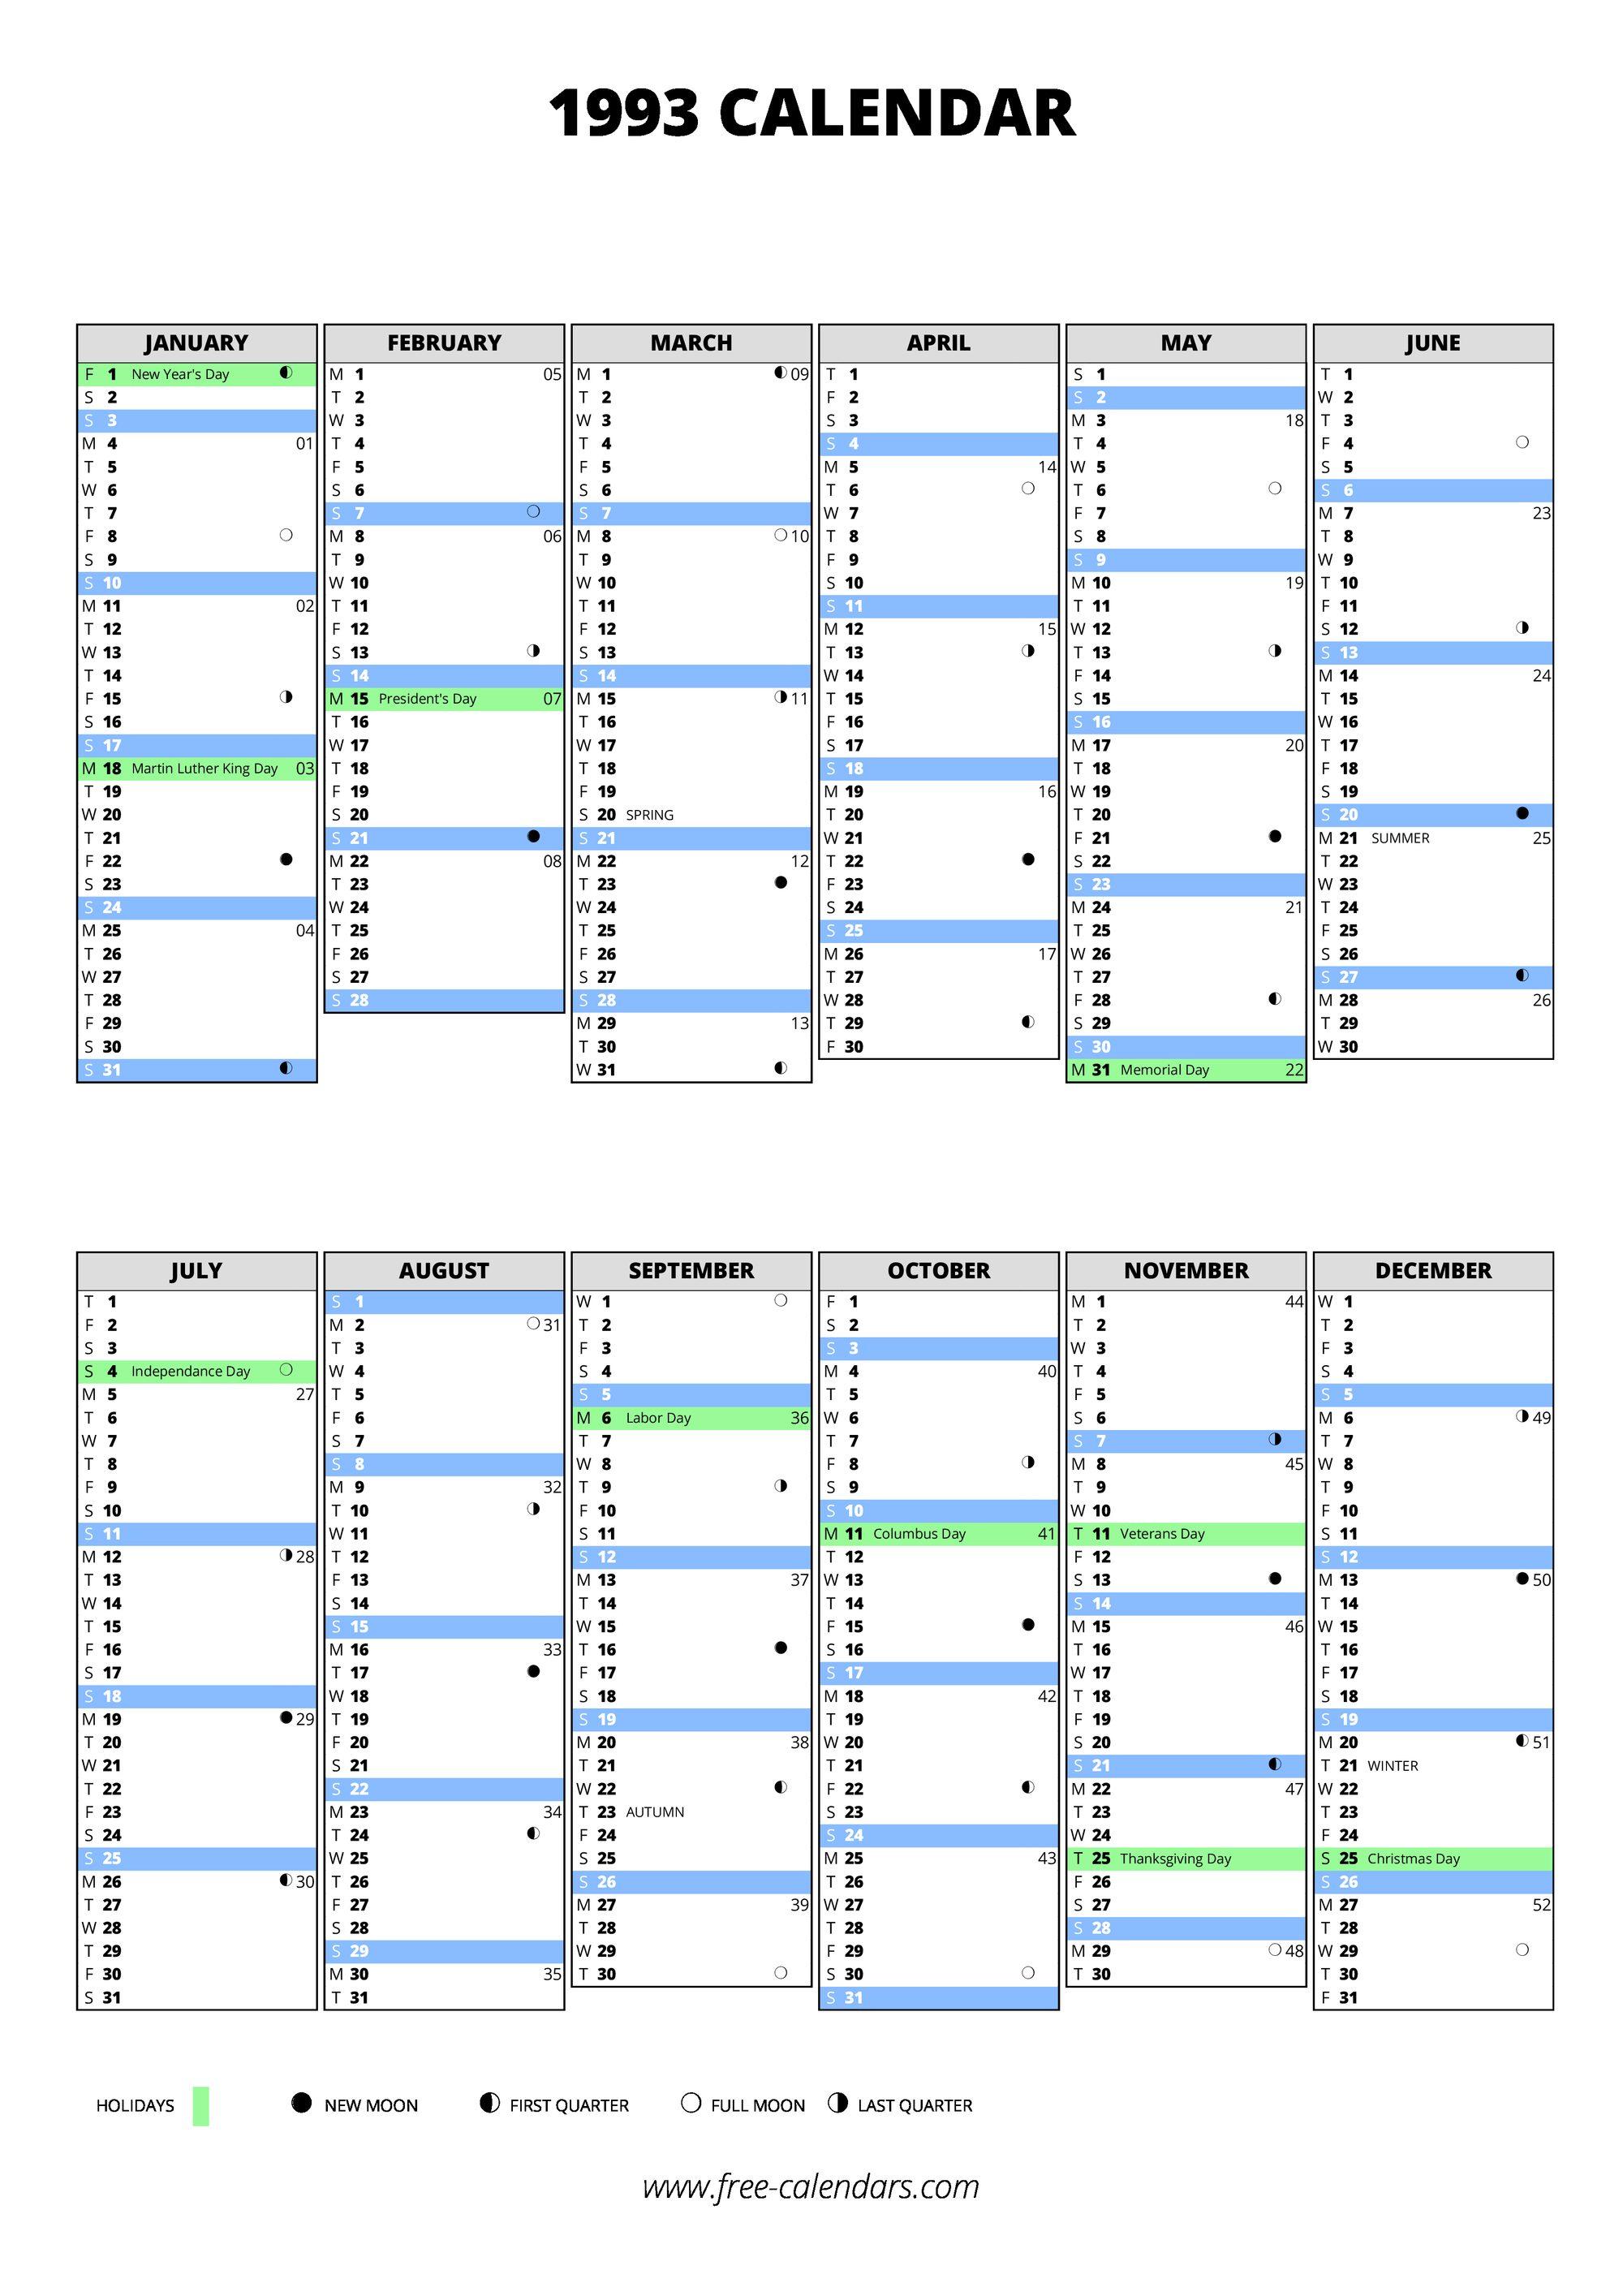 1993 Calendar Free Calendars Com